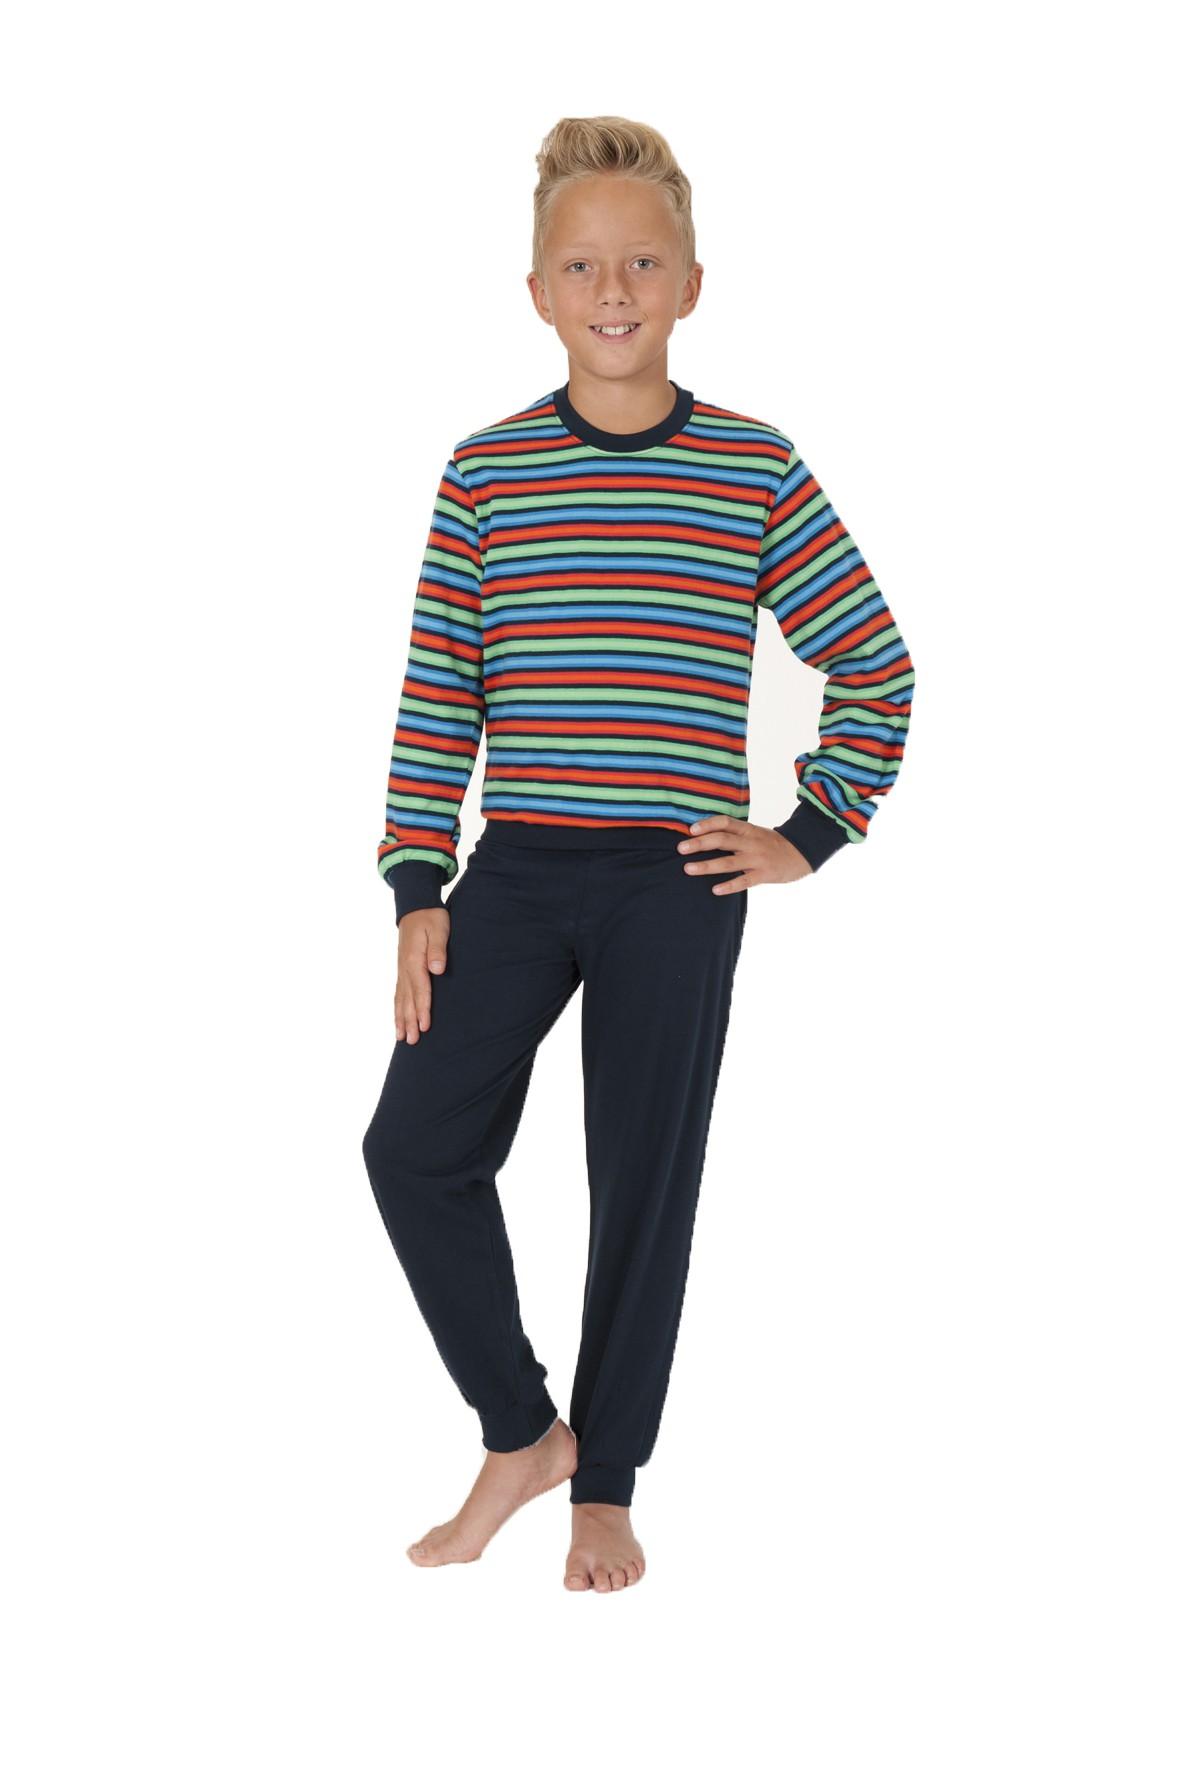 Jungen Pyjama Schlafanzug langarm mit Bündchen in Streifenoptik 58497 – Bild 2